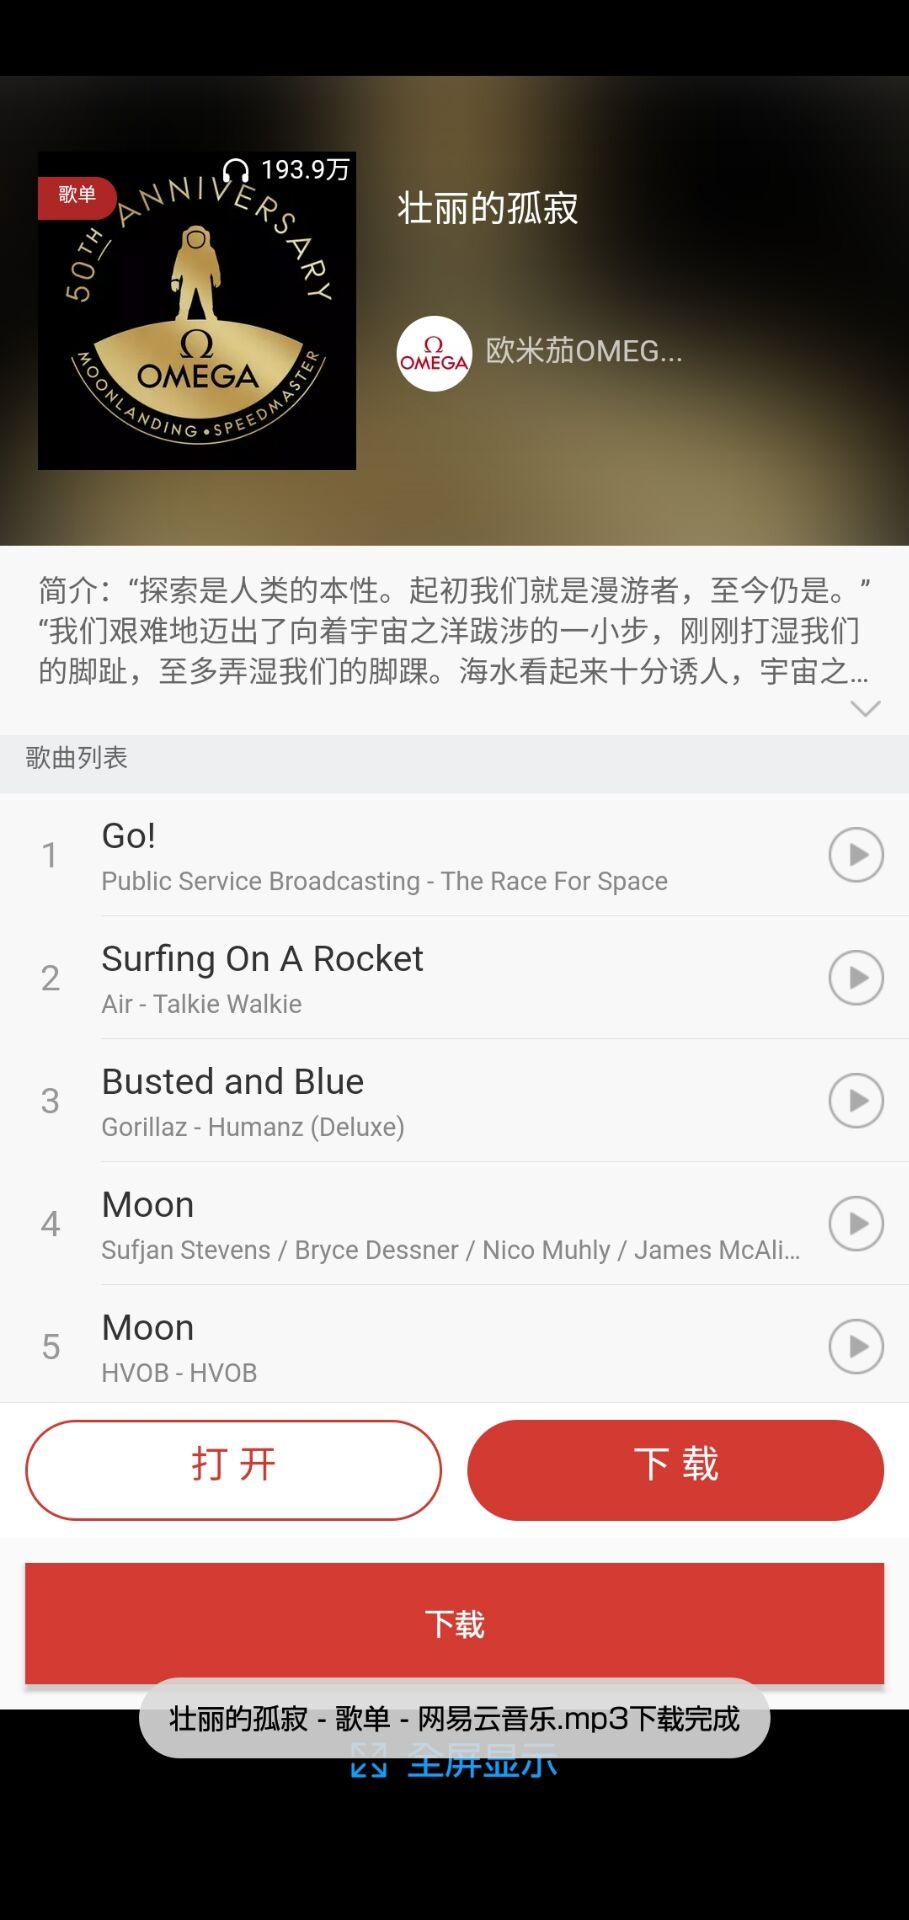 【资源分享】网易云下载器(免费下载网易云付费音乐,内存小)-爱小助